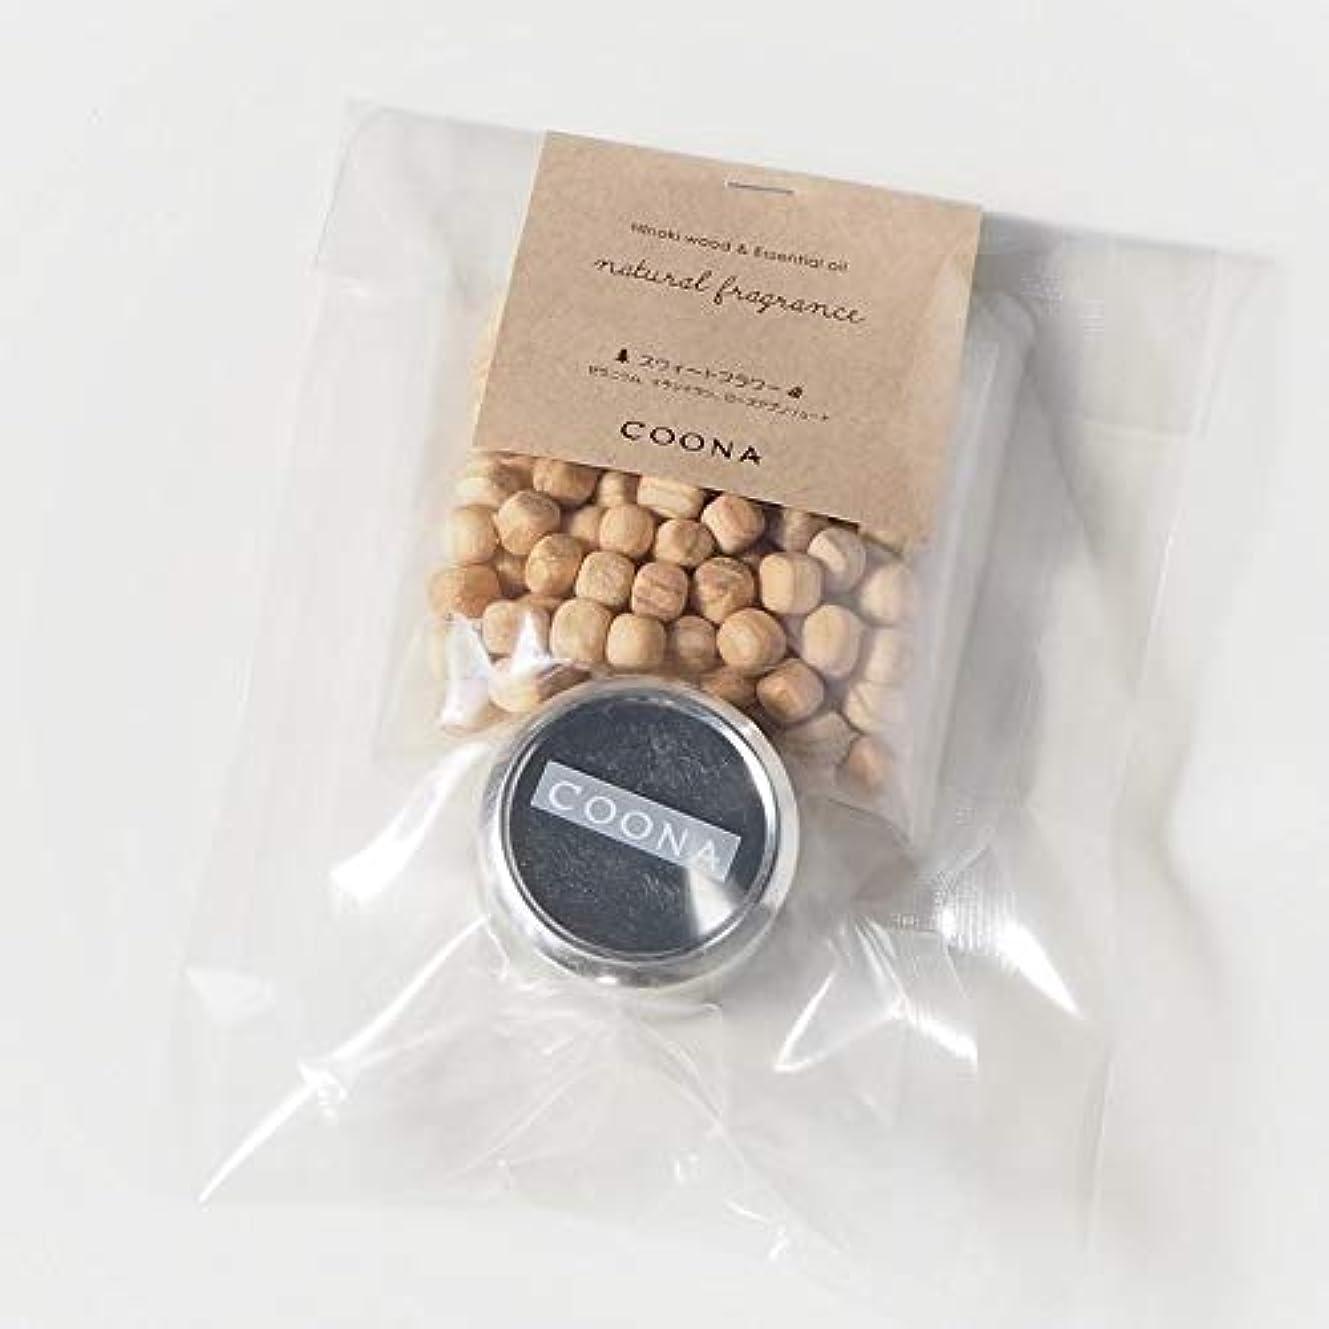 参照する暗記するパースヒノキ ウッド& エッセンシャルオイル ナチュラルフレグランス (メタル缶付き, 地の香り)